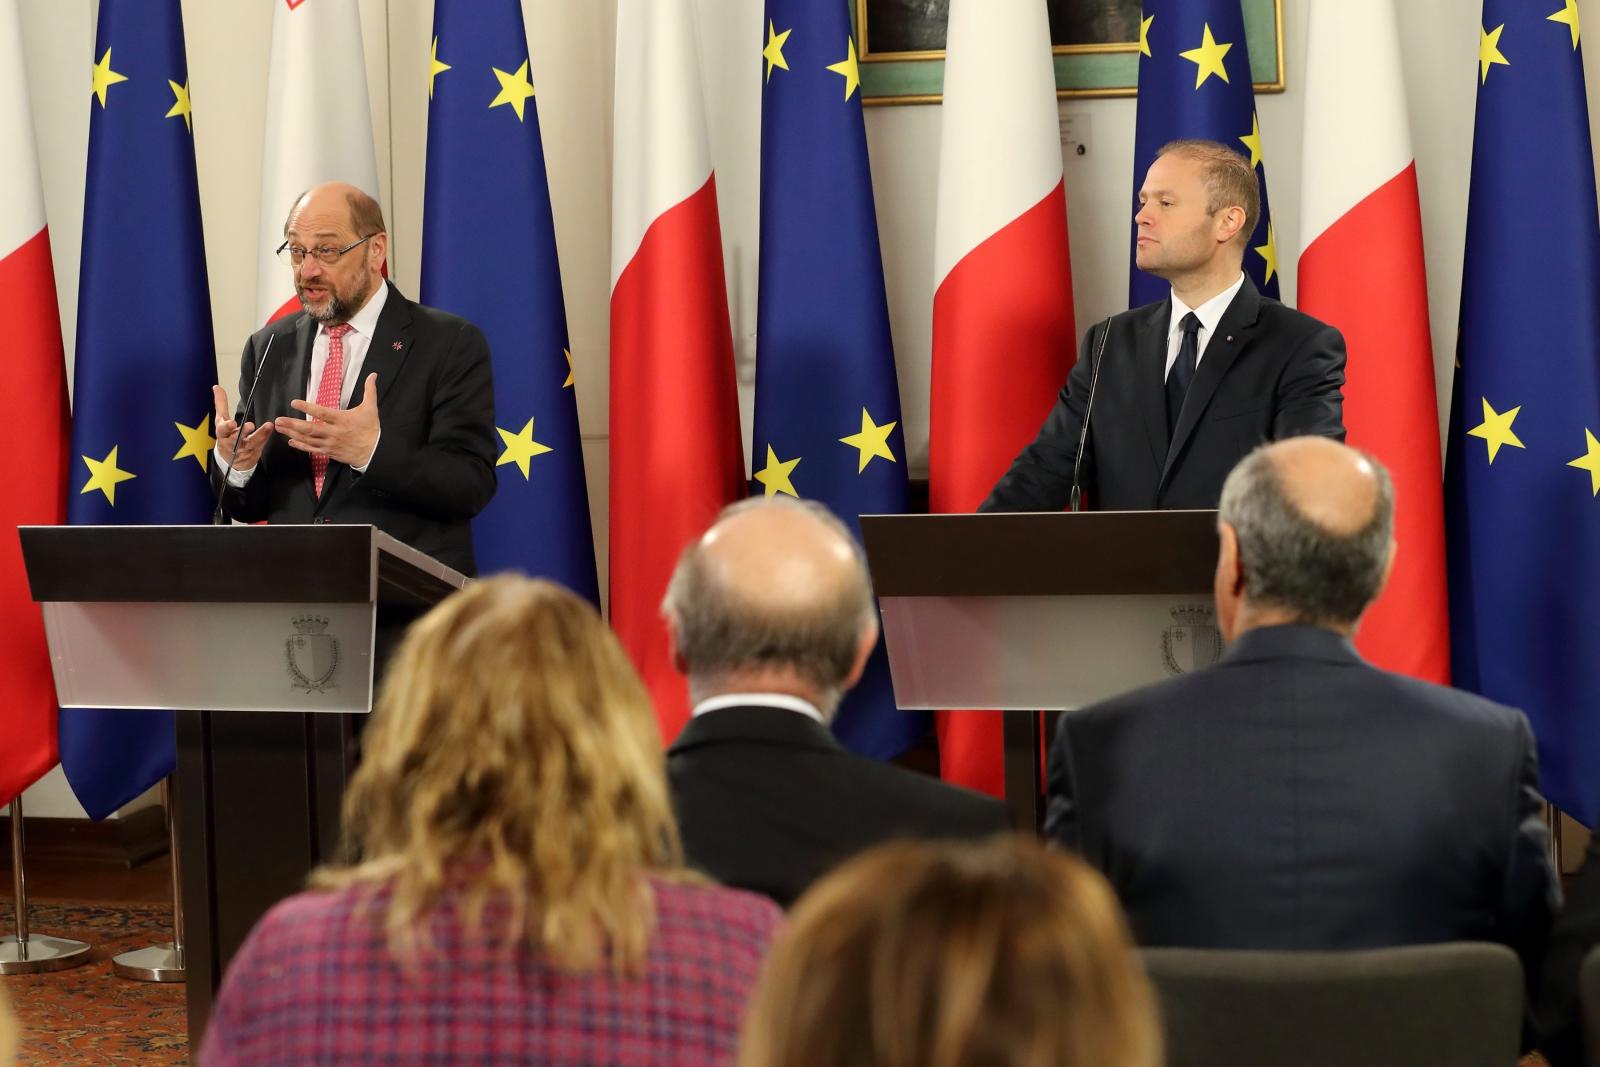 Konferencja prasowa z Premierem Malty, Josephem Muscat,. Malta w 2017 r. obejmie prezydencję w Radzie Unii Europejskiej. Fot. PAP/EPA/DOMENIC AQUILINA